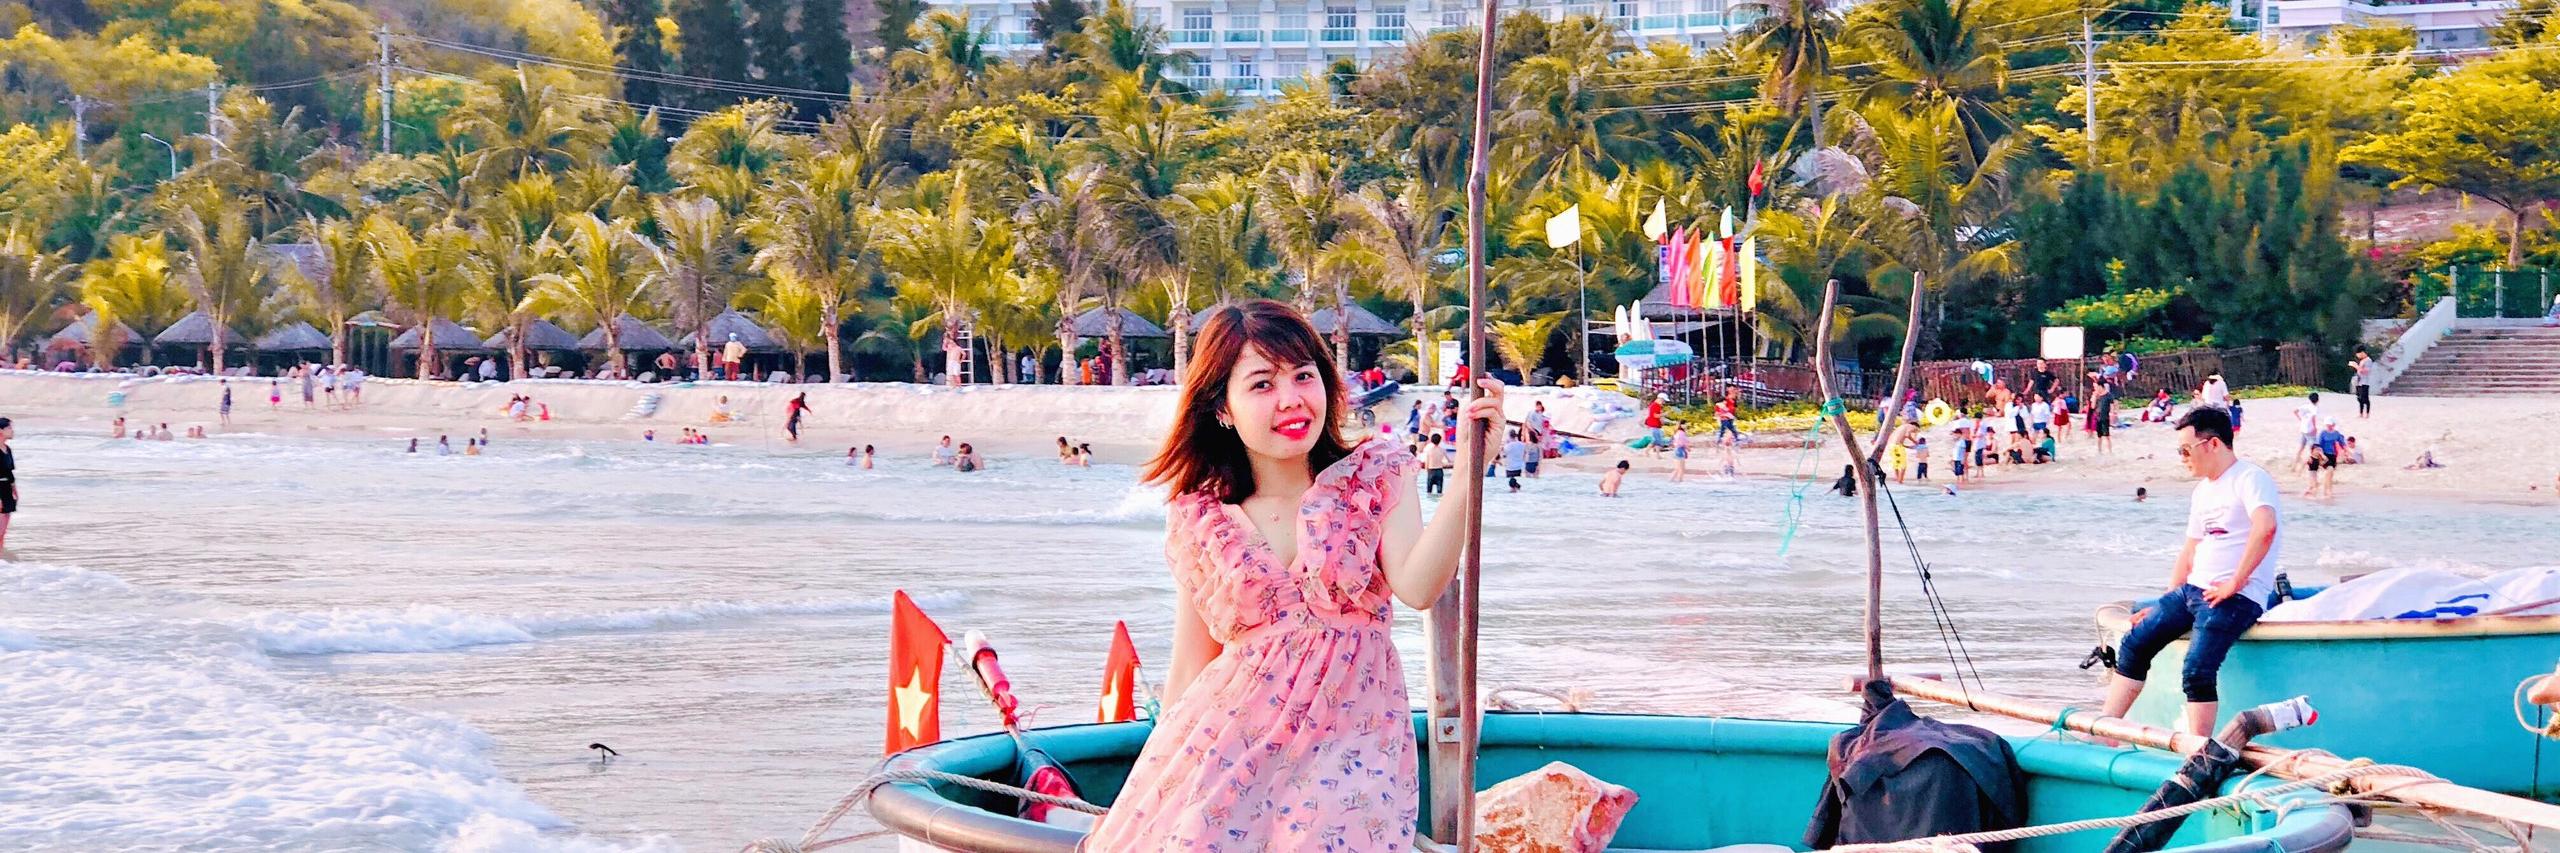 https://gody.vn/blog/huynhthu999937253/post/phan-thiet-2020-7531